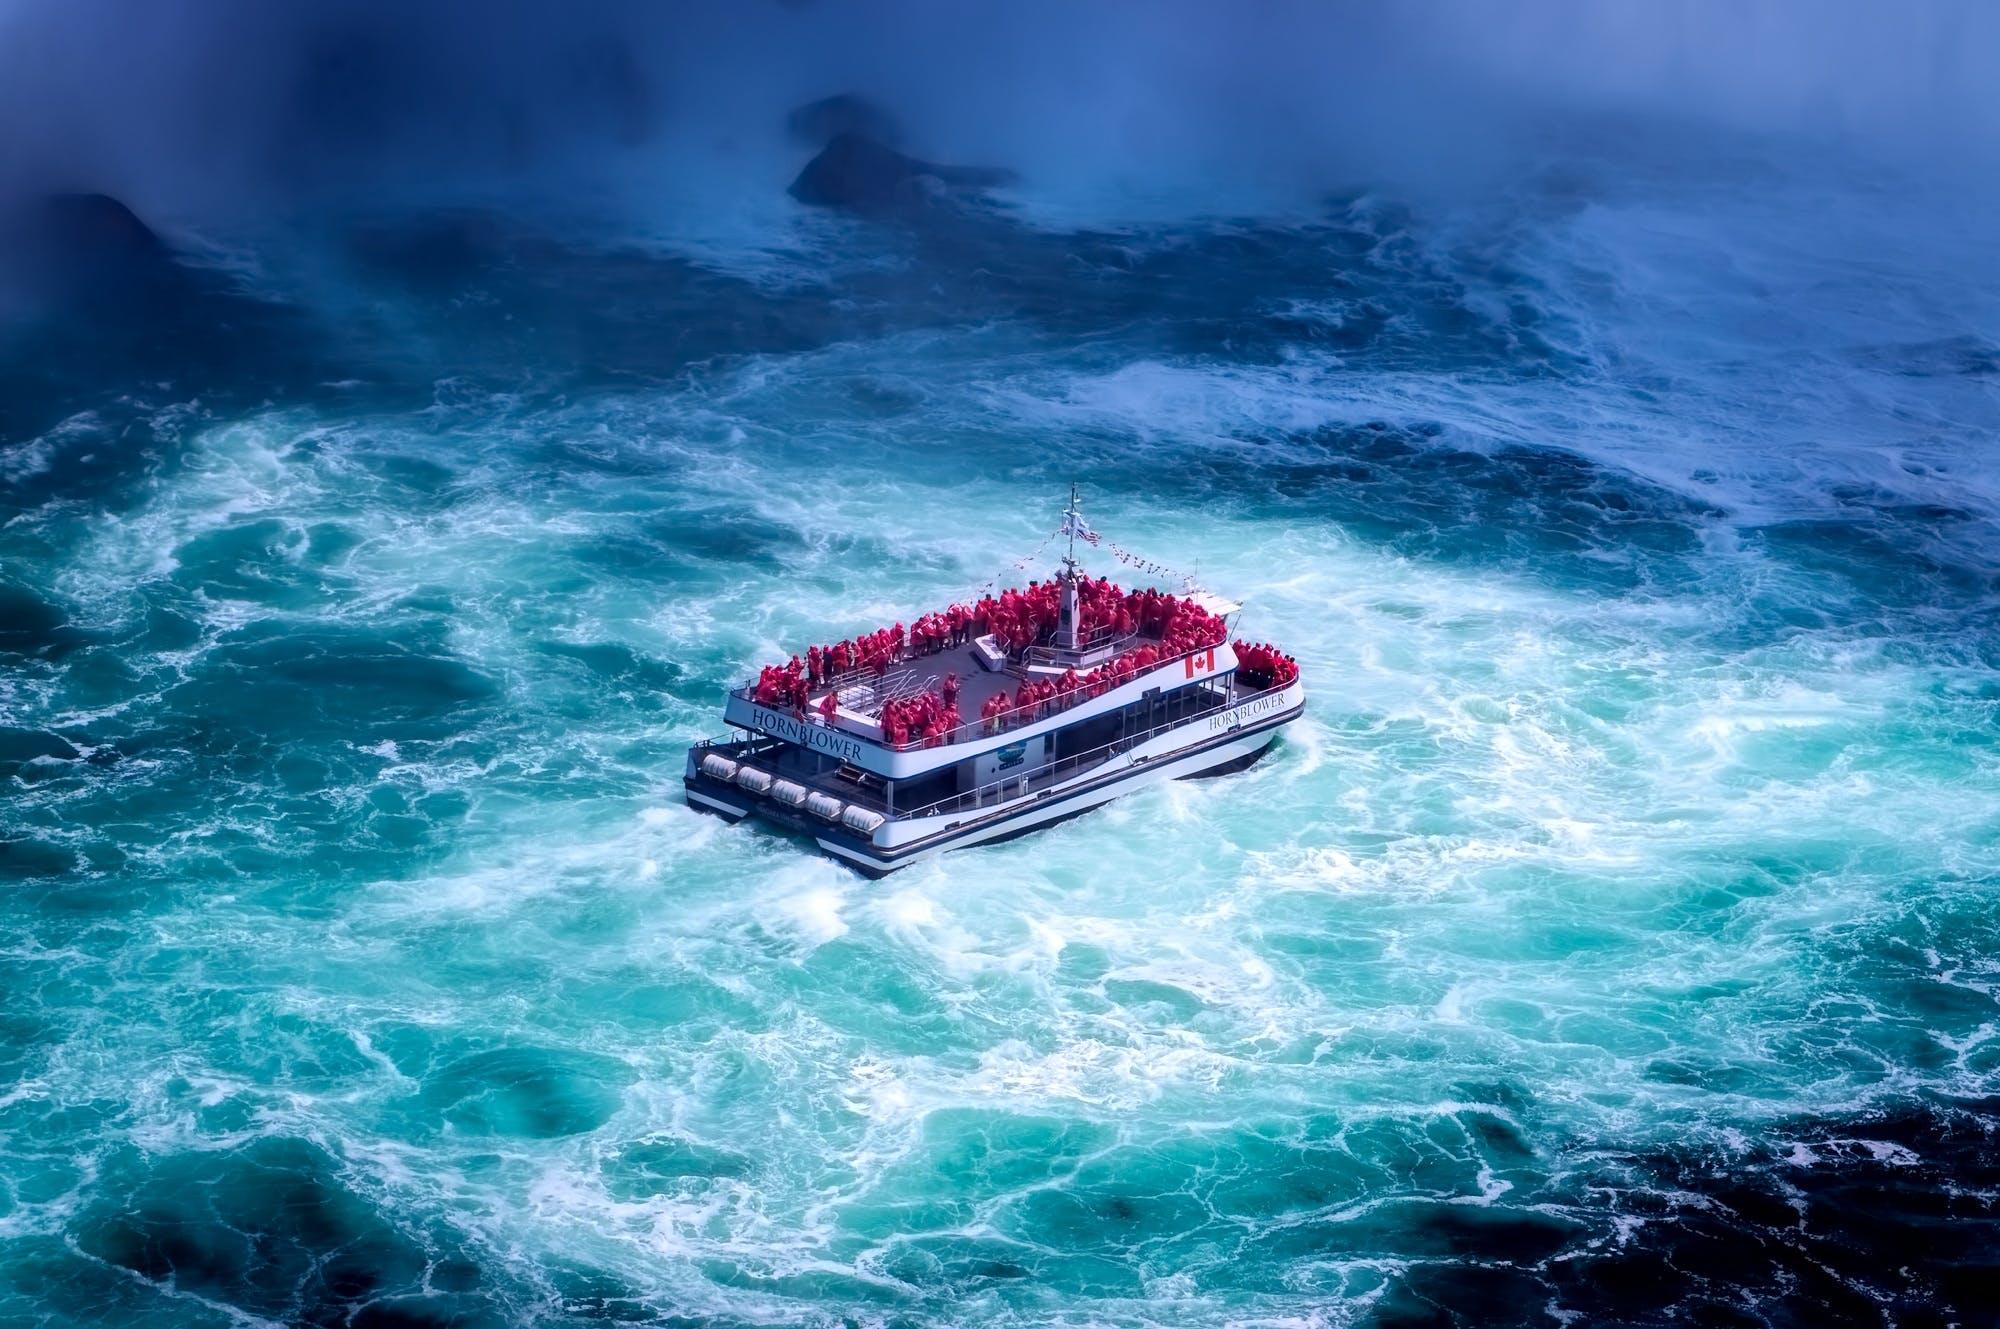 White Boat Floating in the Bottom of Ocean